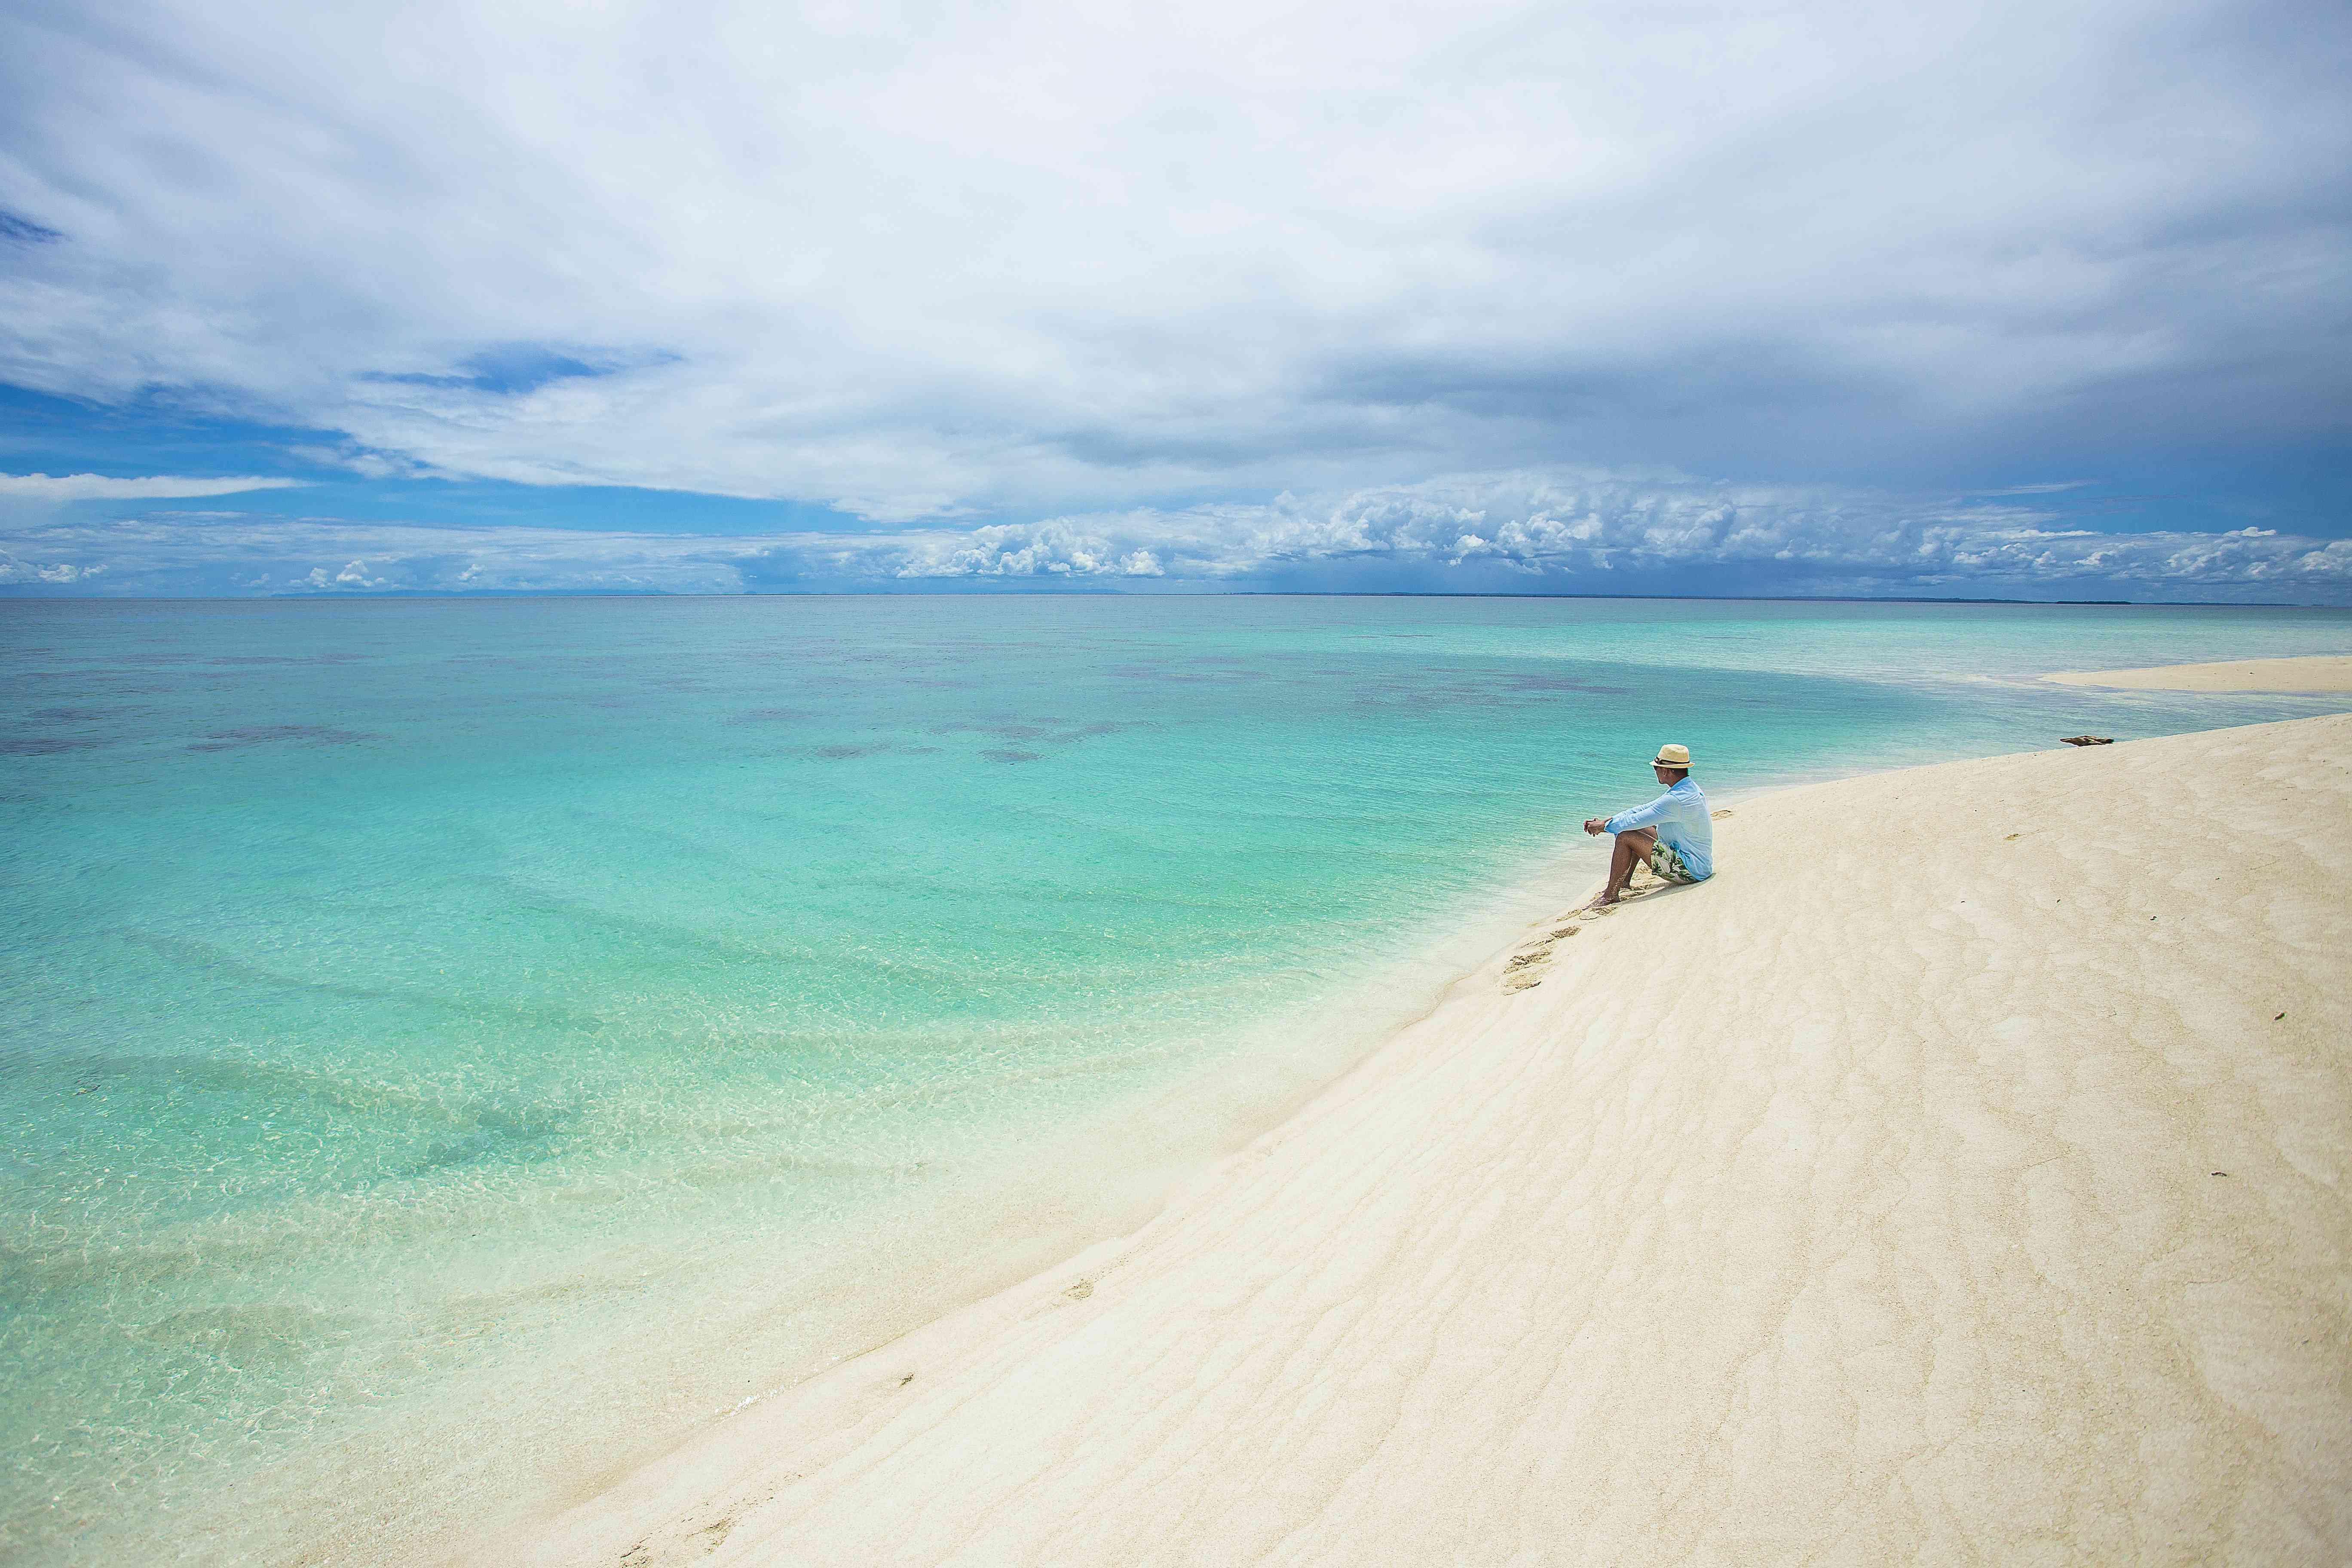 Man sitting on a beach on Derawan Island, Borneo